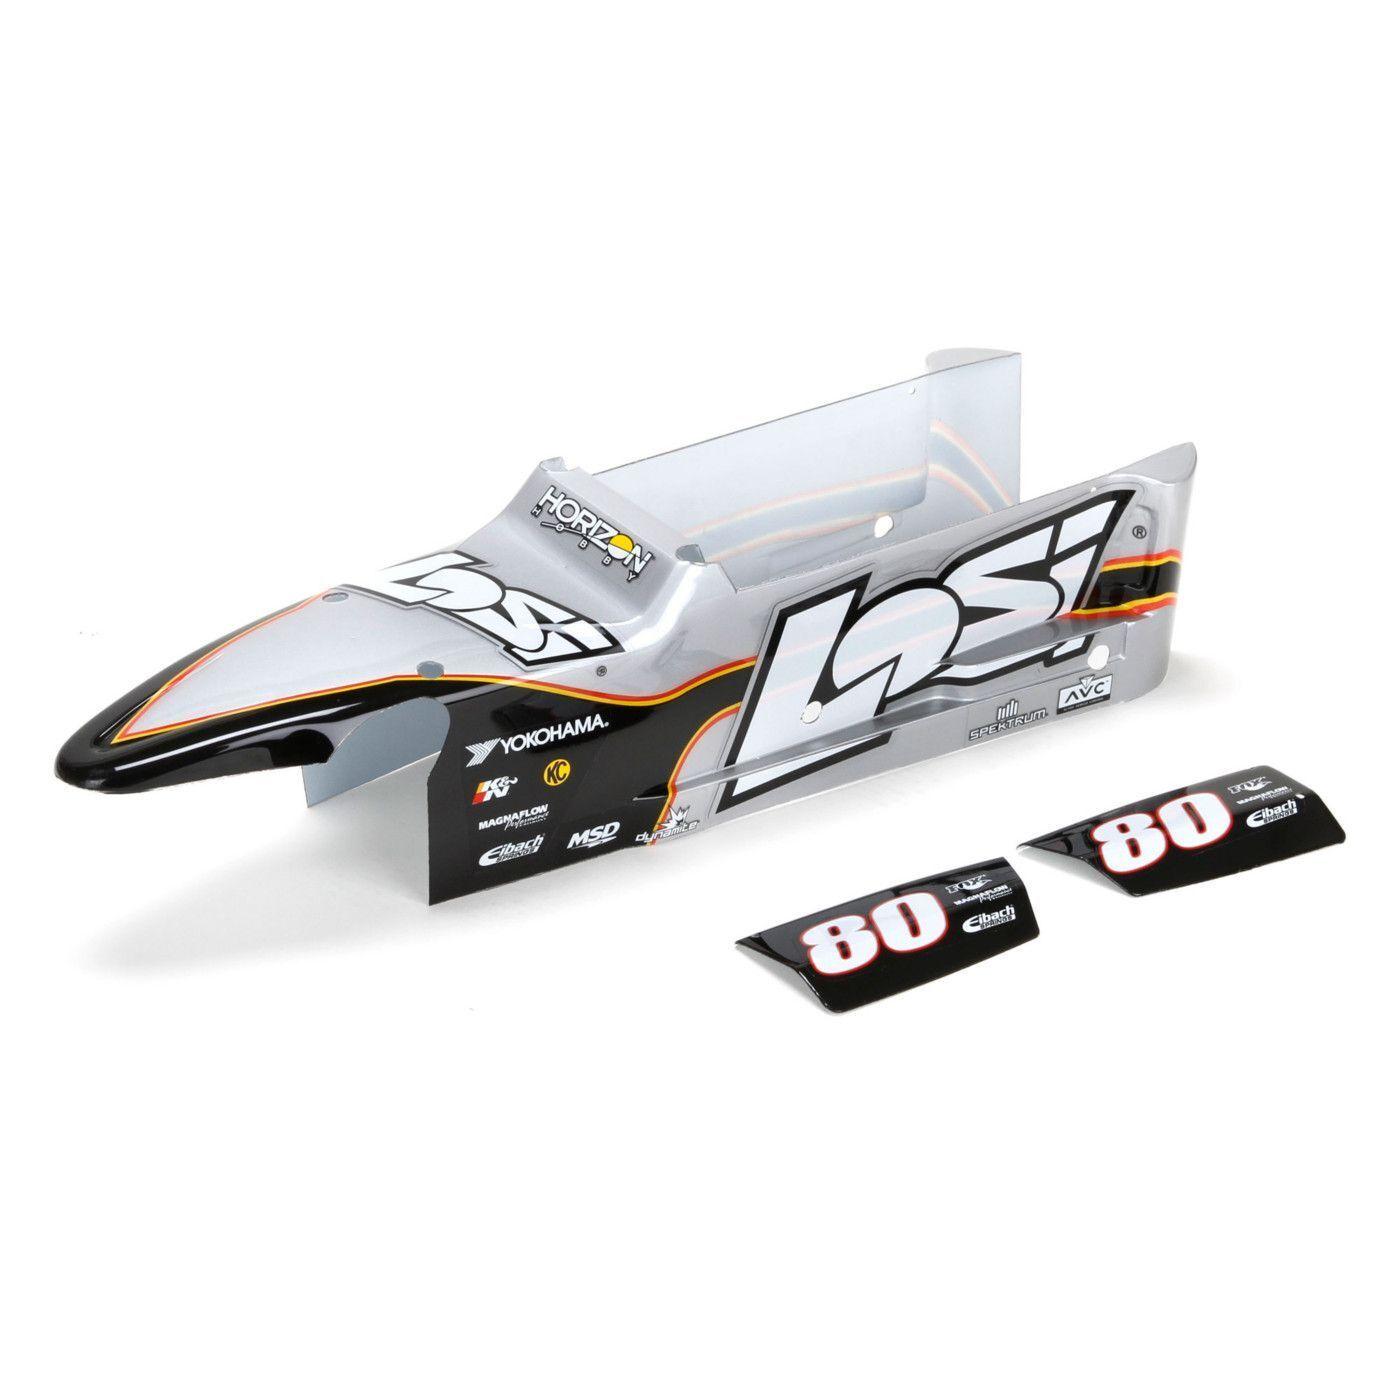 Losi Racing  LOS230002 corpo Set Losi Scheme Painted XXX-SCB  liquidazione fino al 70%